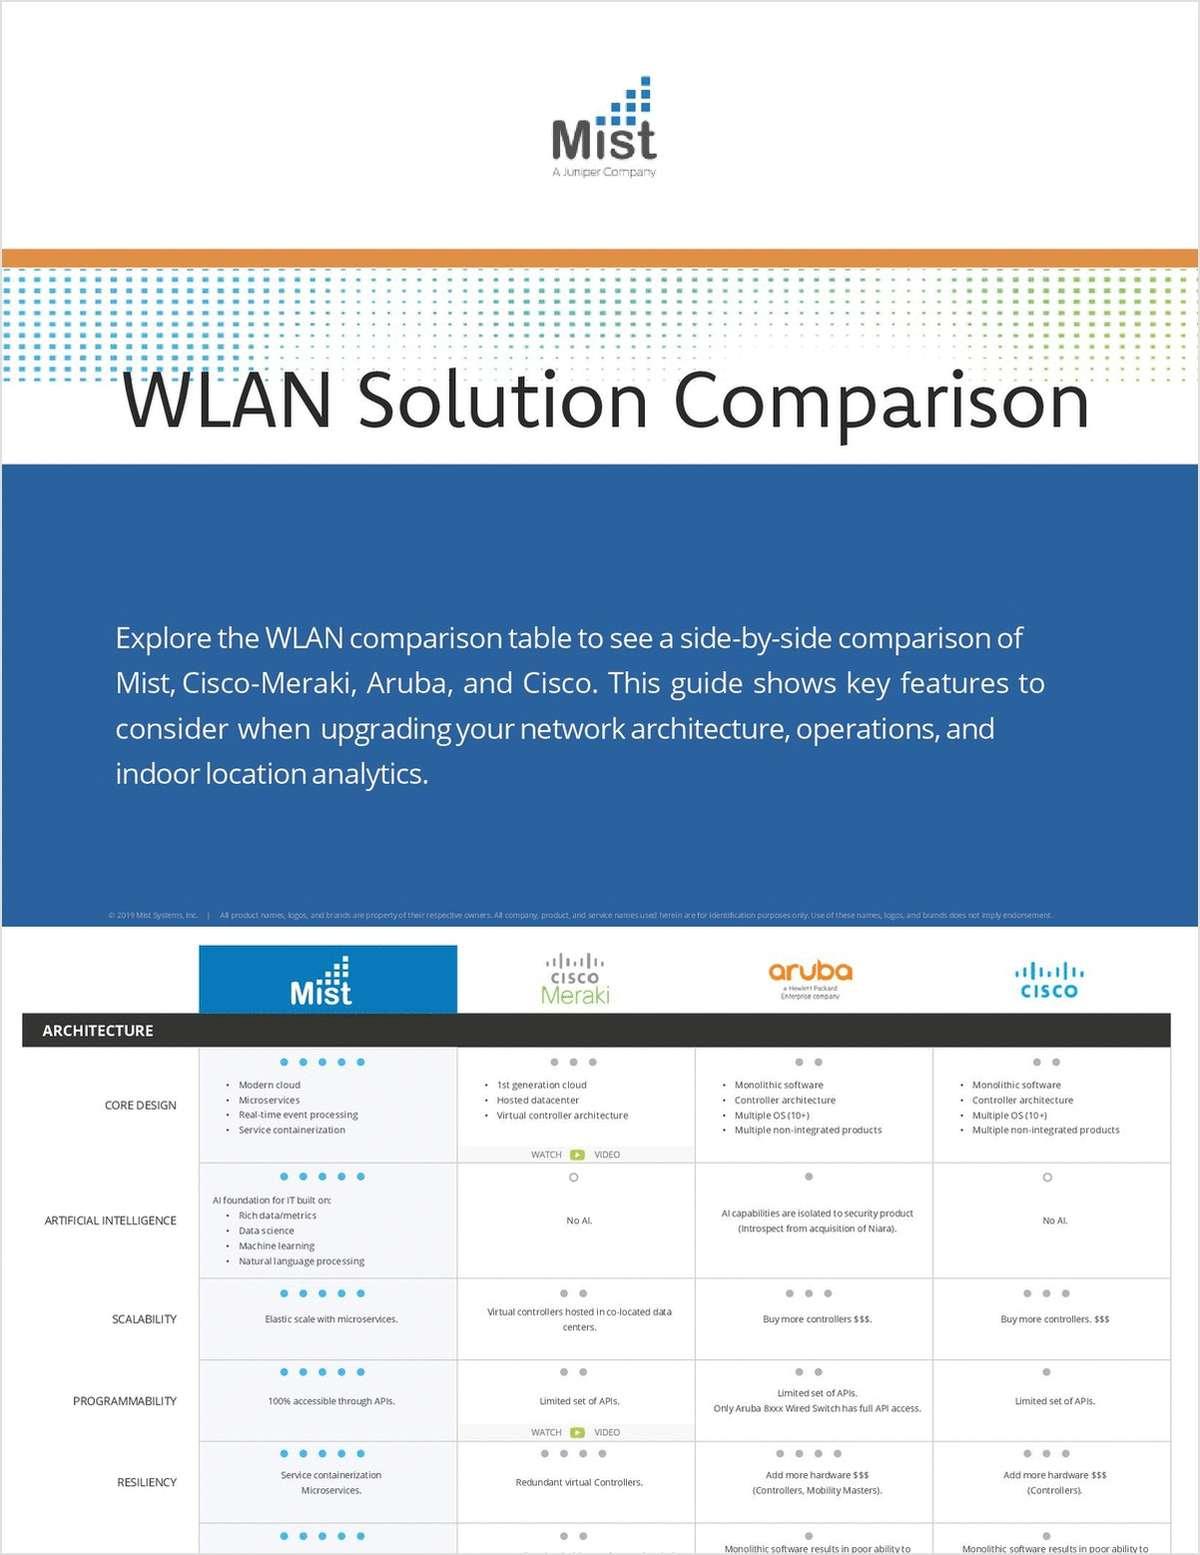 WLAN Solution Comparison